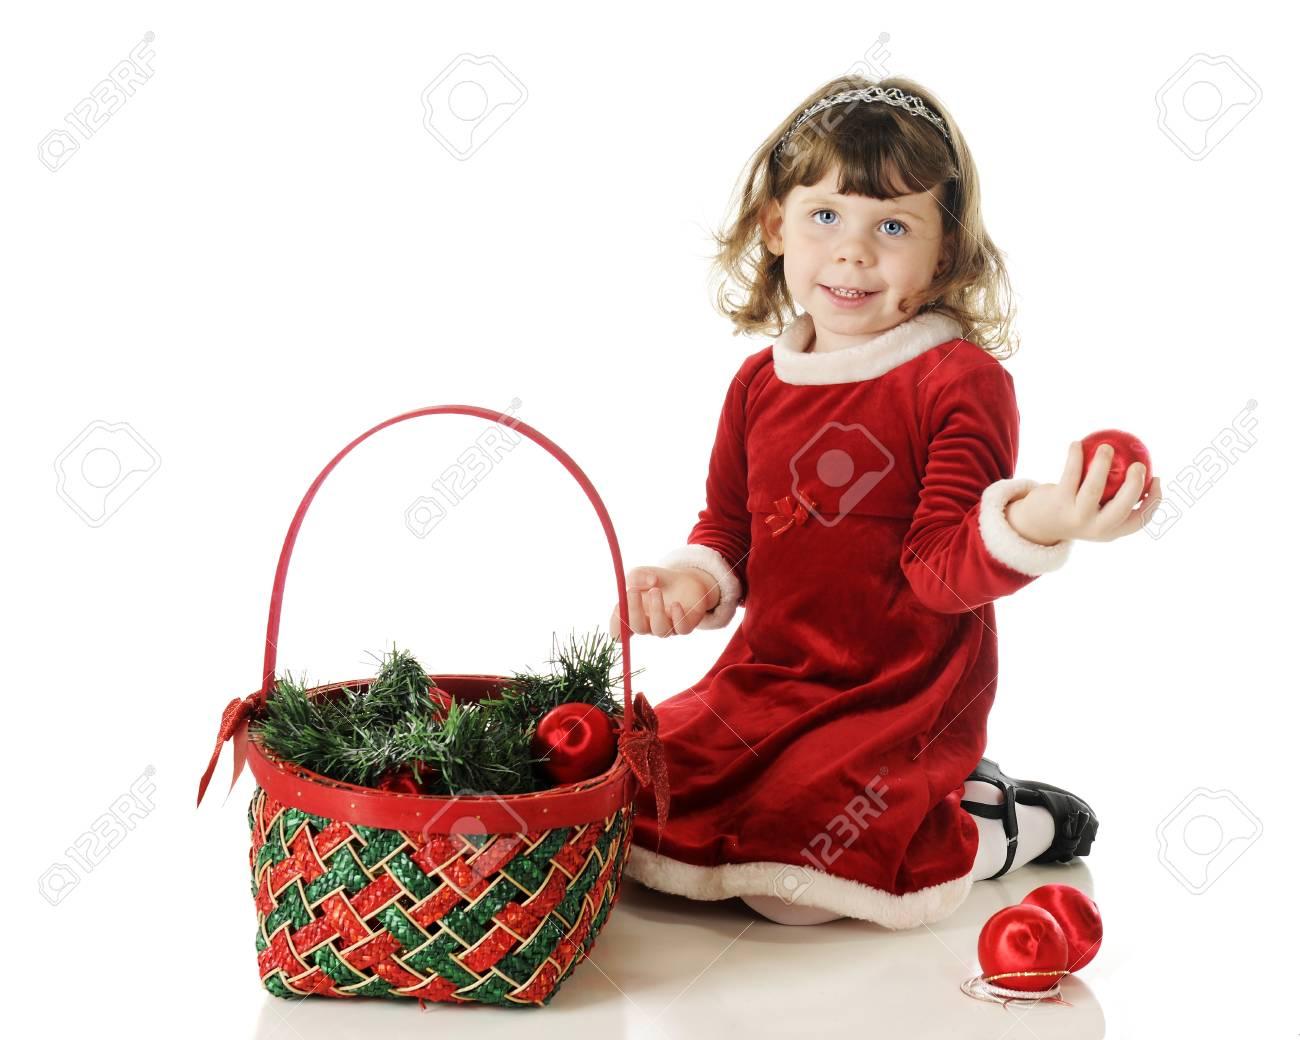 Una Niña Adorable Preescolar Vestidos Para Navidad Felizmente Llenar Una Cesta Roja Y Verde Con Guirnaldas Y Adornos En Un Fondo Blanco